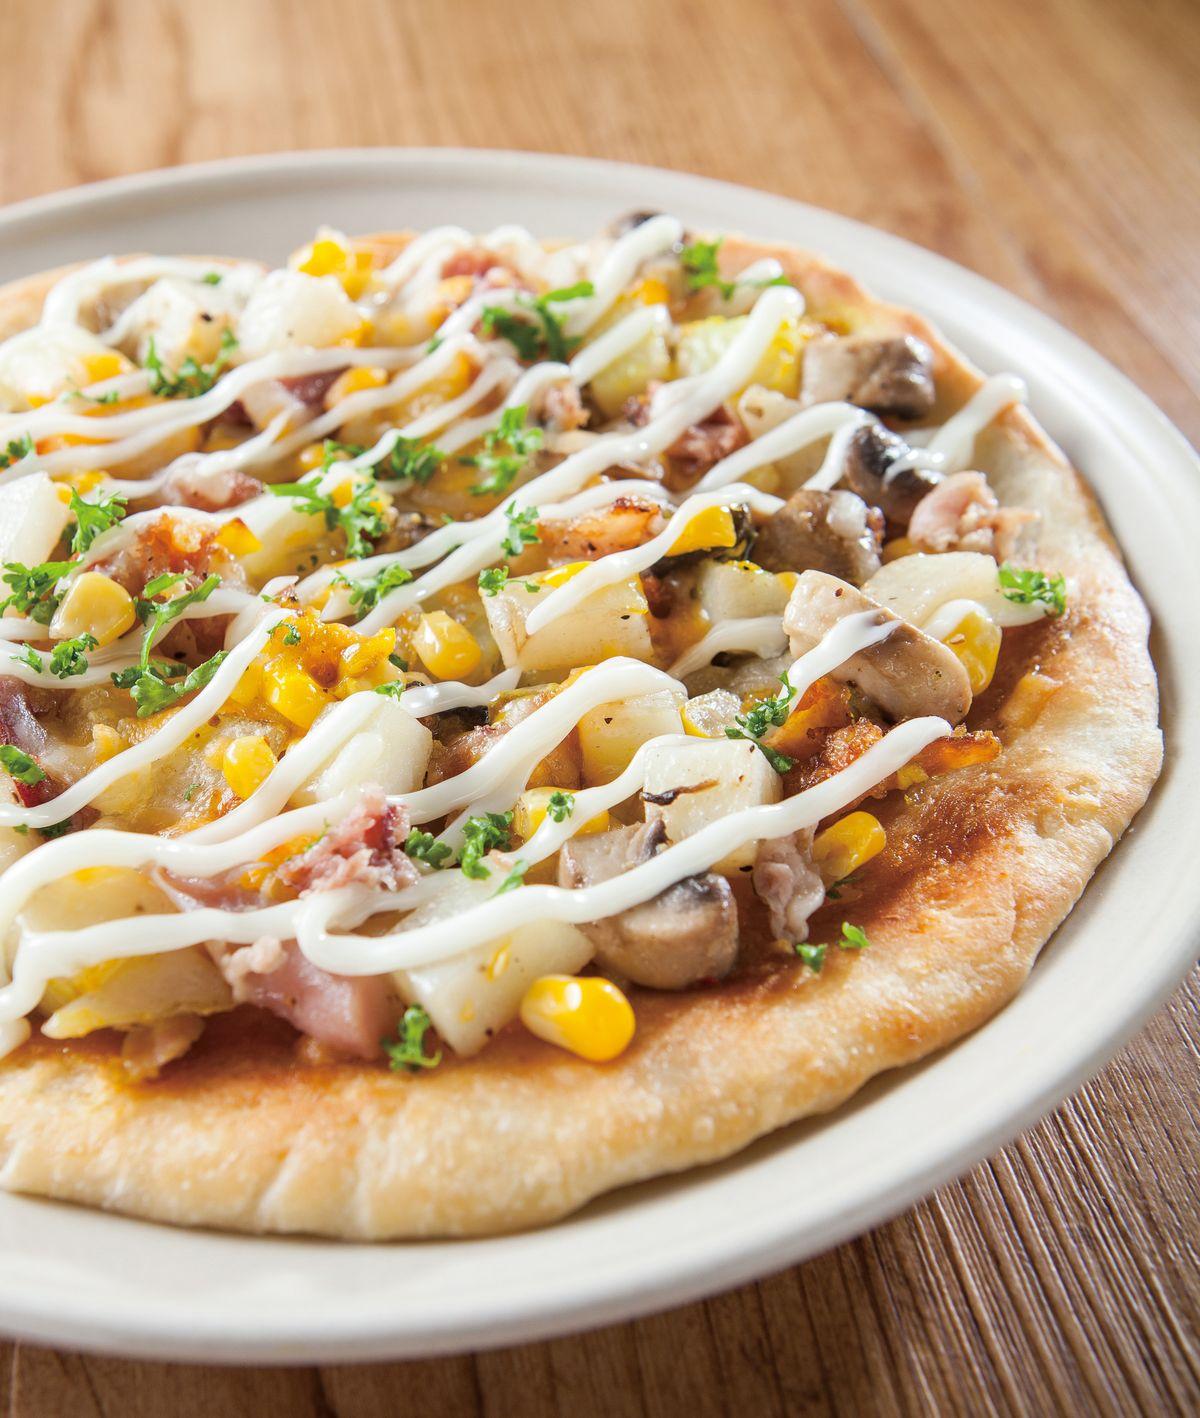 食譜:培根馬鈴薯披薩